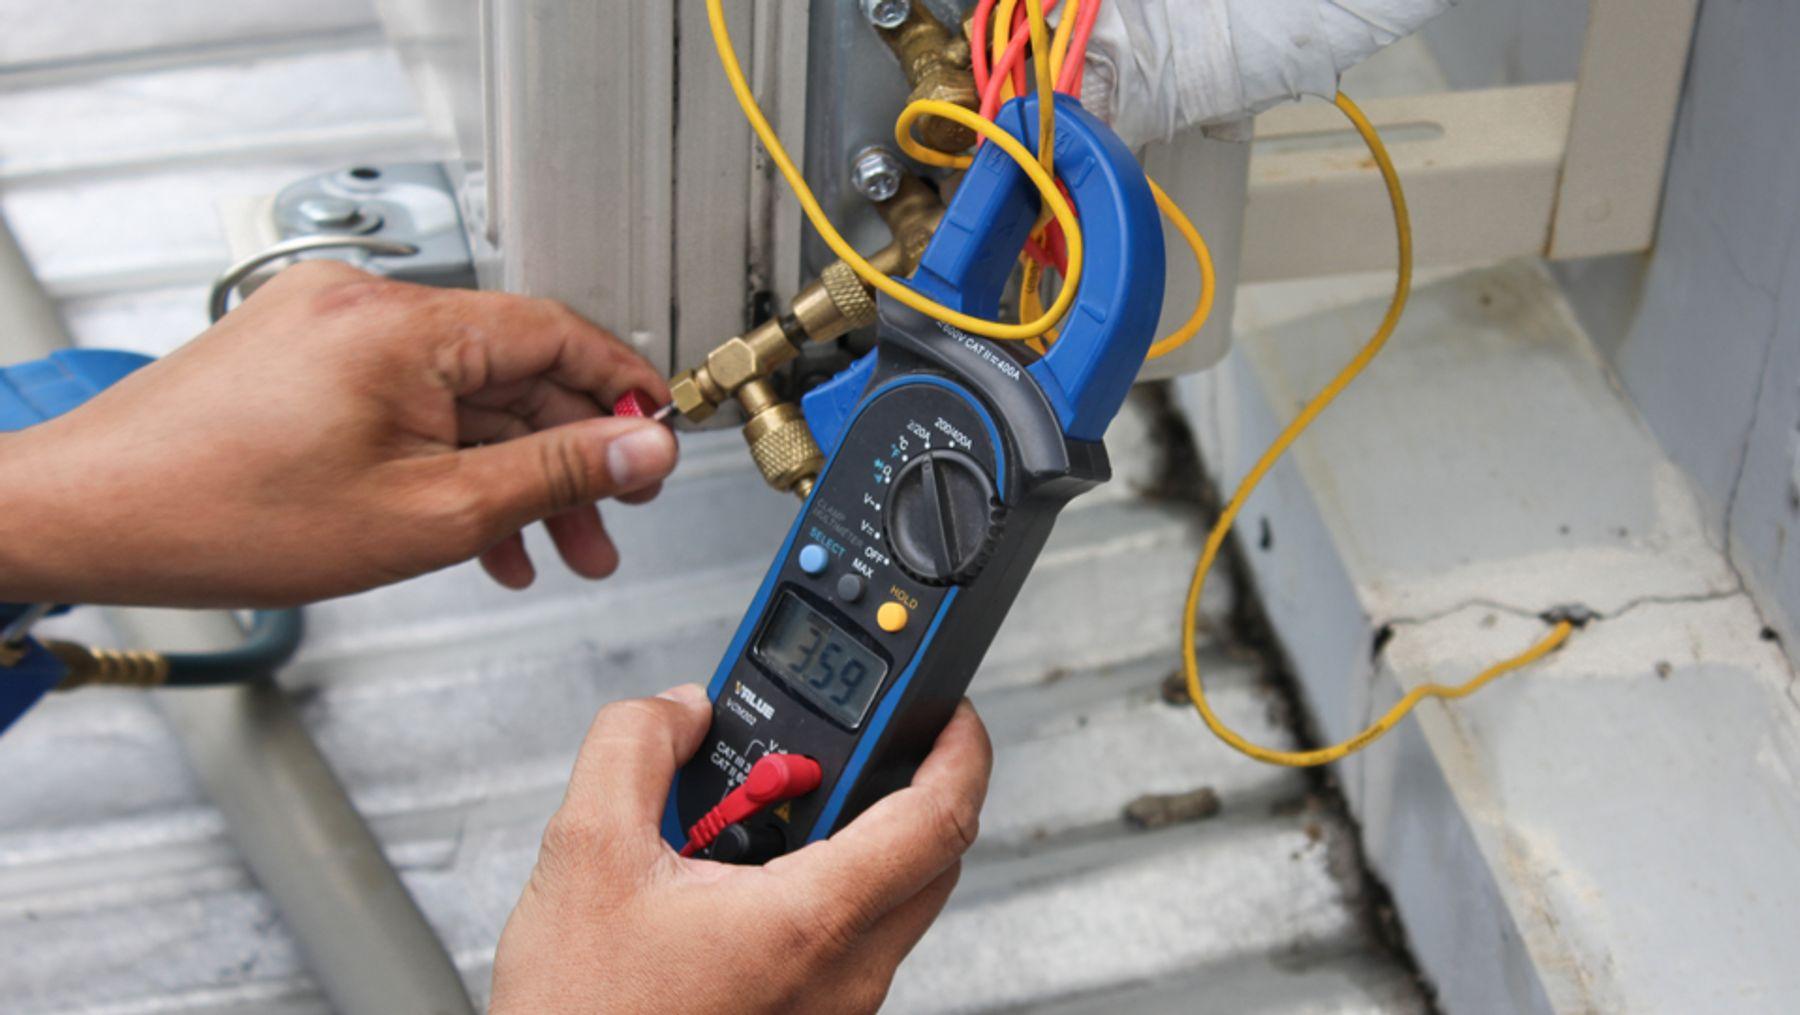 Giải pháp nhanh cho máy lạnh không đủ điện năng hoặc quá tải điện áp